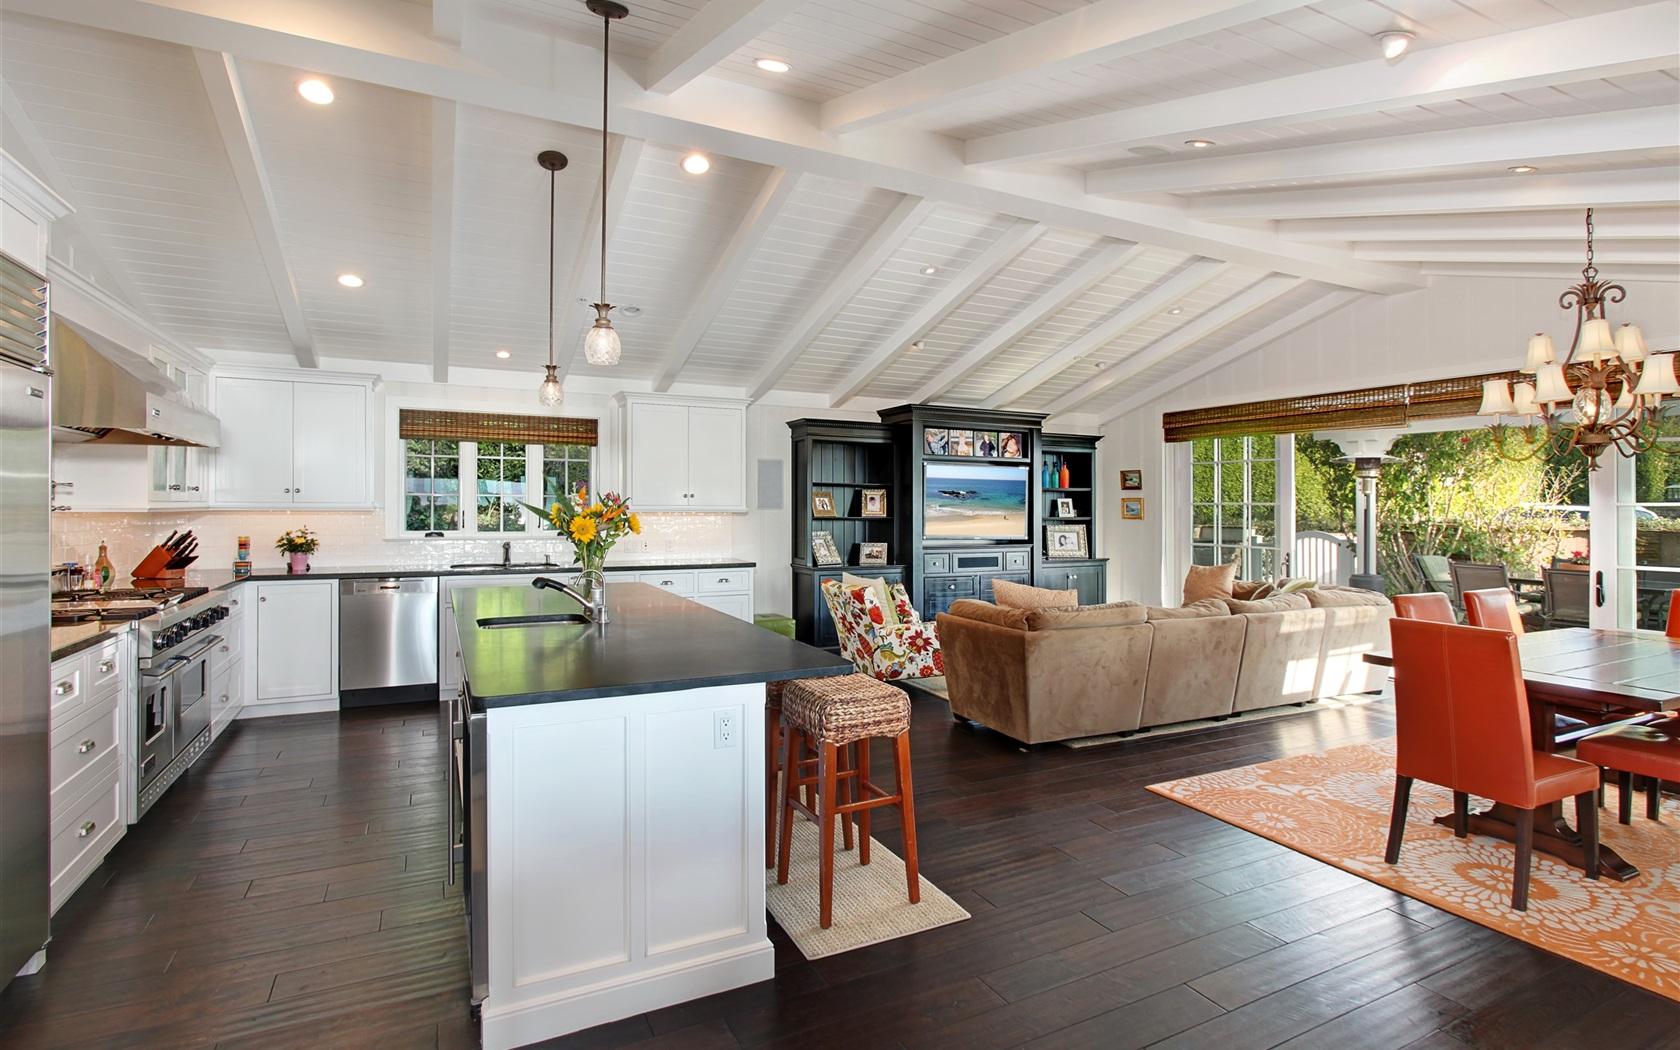 #965C35 Design de interiores sala de estar cozinha lustre Papéis de Parede  1680x1050 px Sala De Cozinha De Design De Interiores_423 Imagens